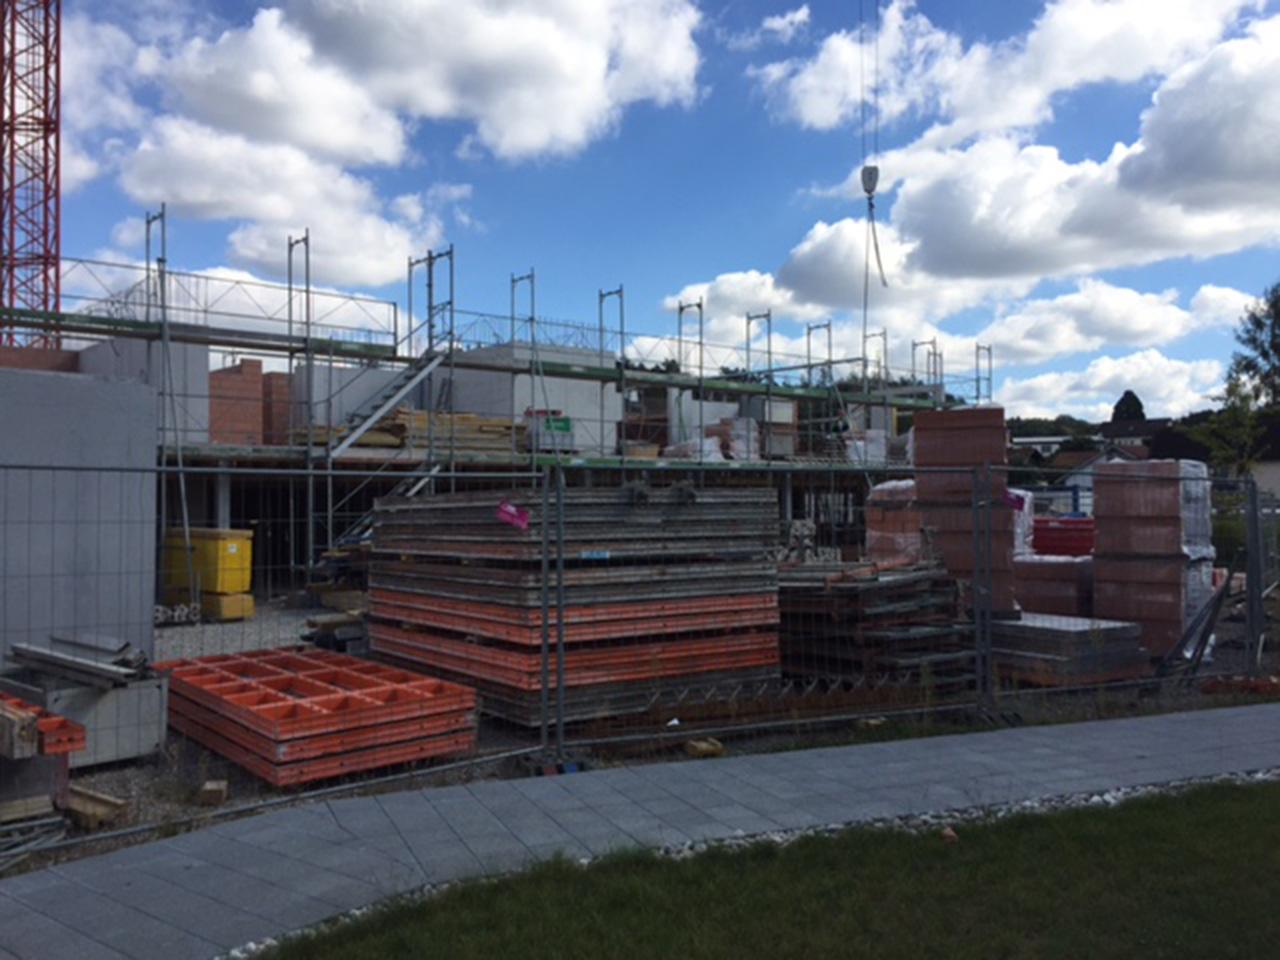 laubhus-immobilien-architektur-sunnehof-haus-d-05102016